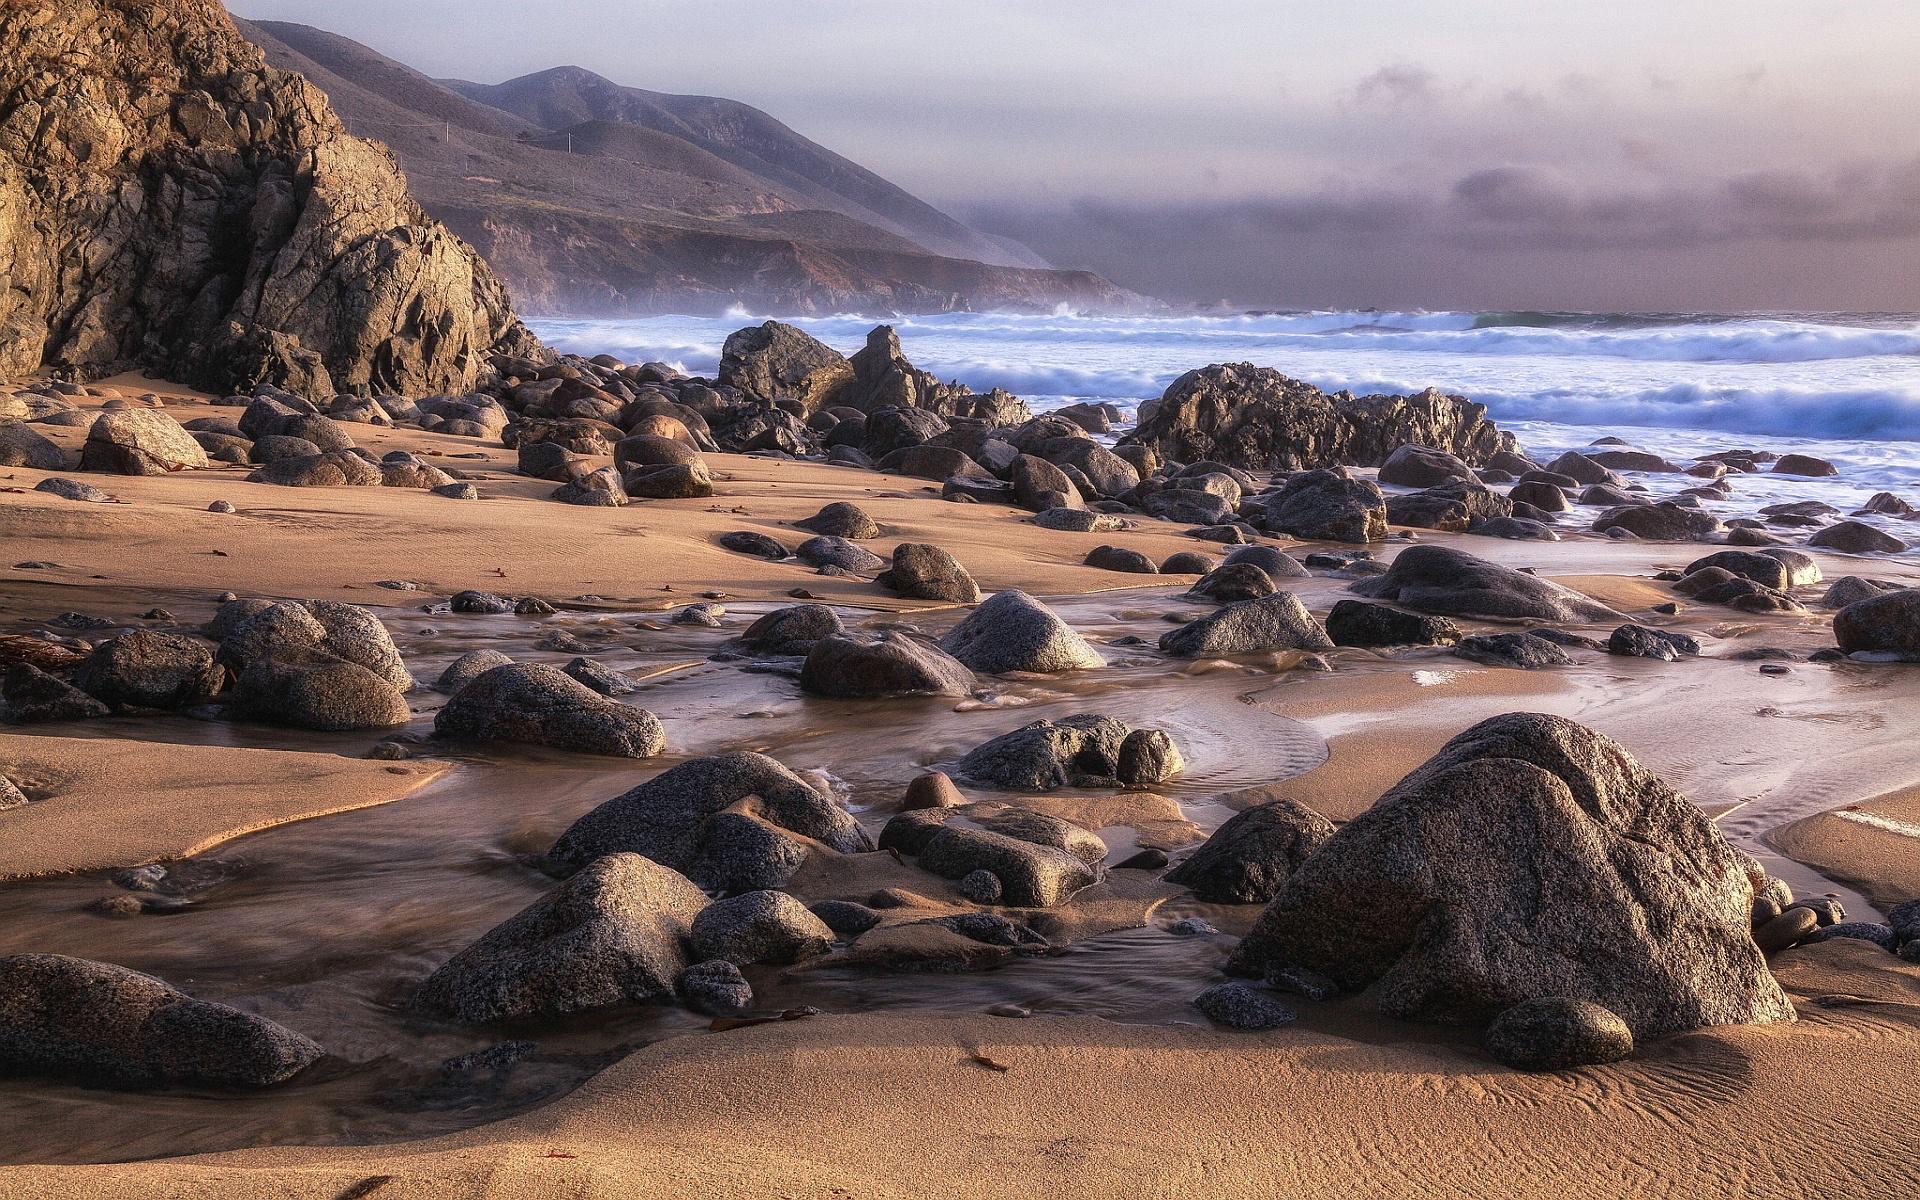 скалы берег песок  № 1185435 загрузить